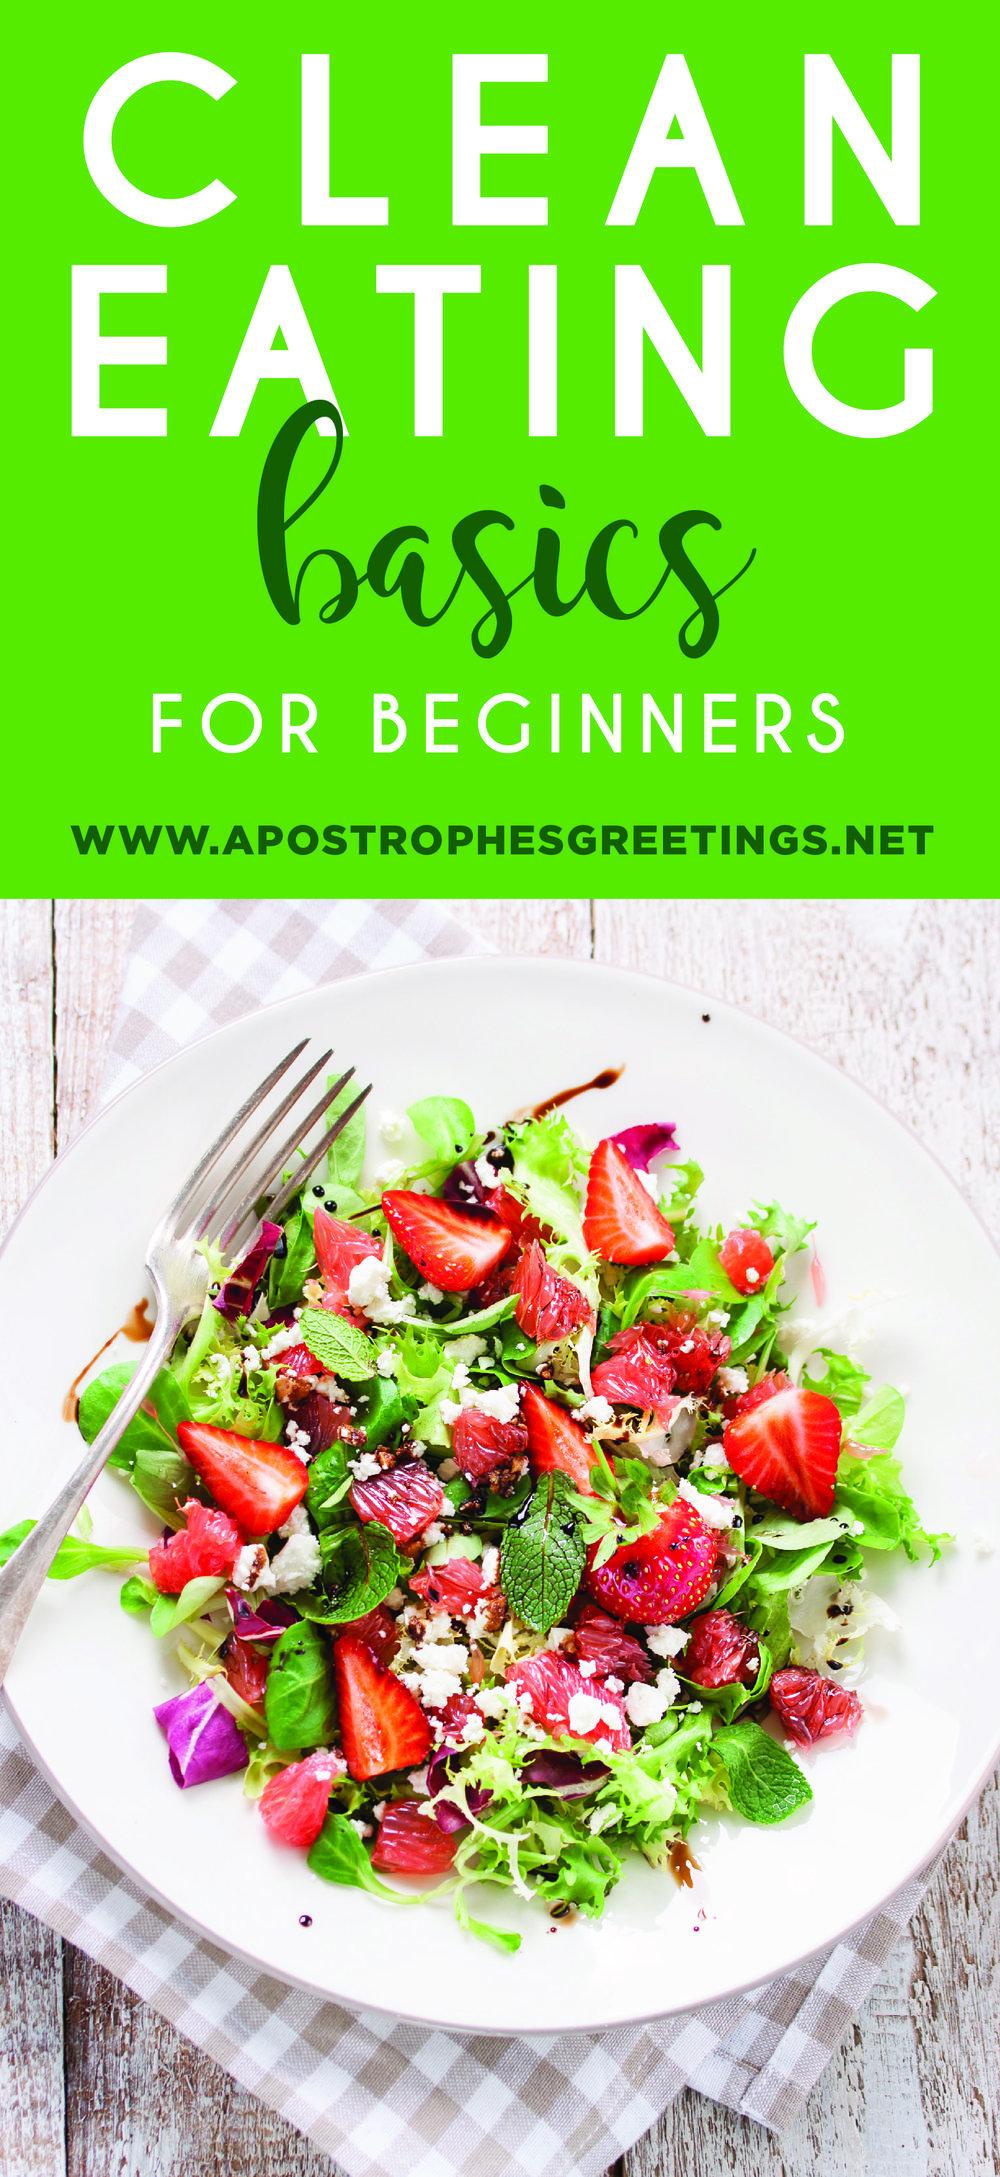 Clean Eating for Beginners pin-01.jpg